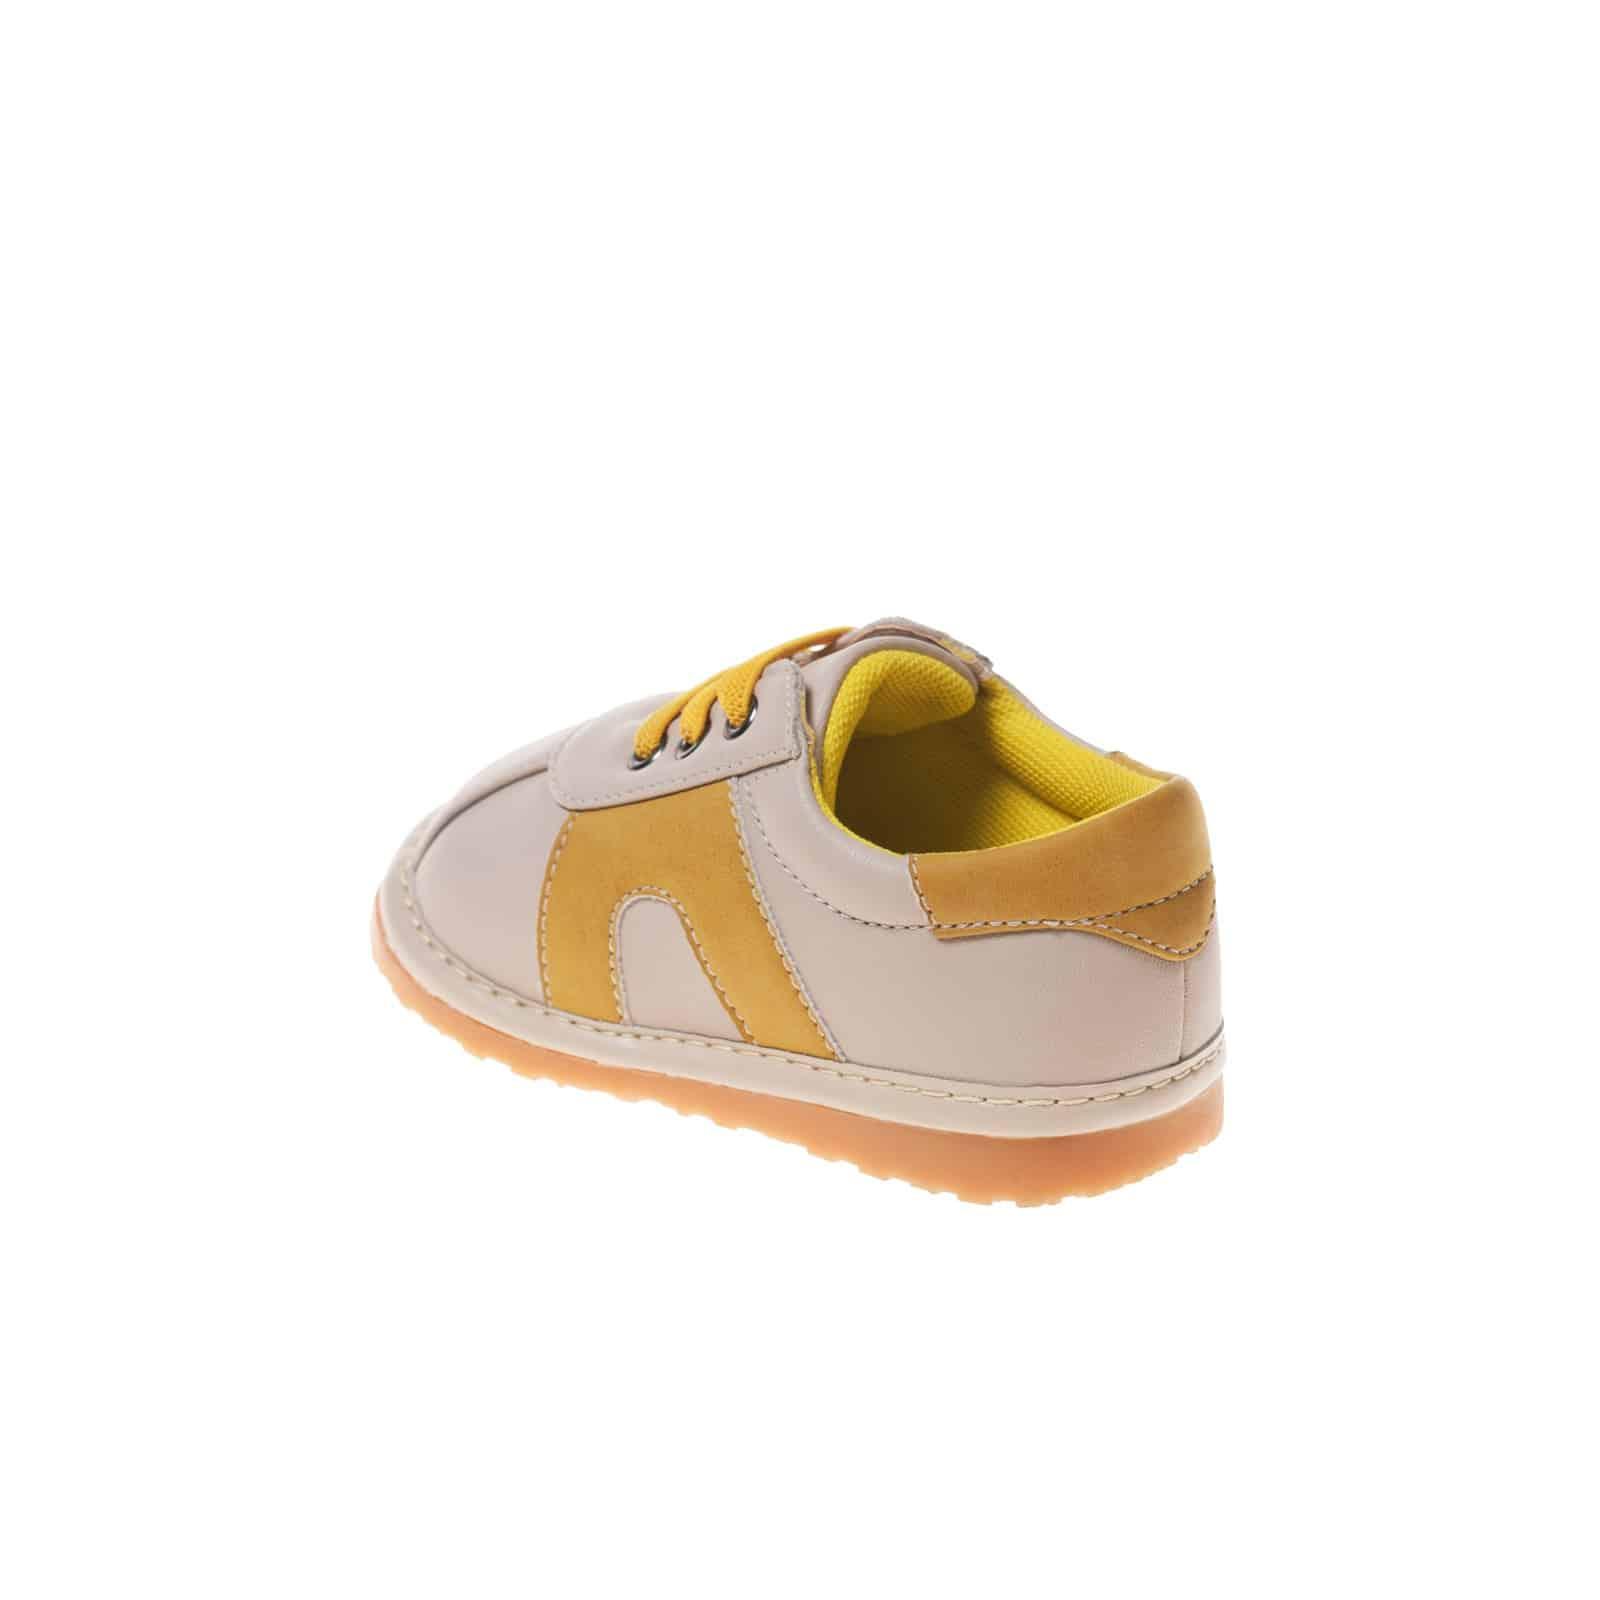 C2BB   Chaussons de bébé en cuir souple - Chaussures ...